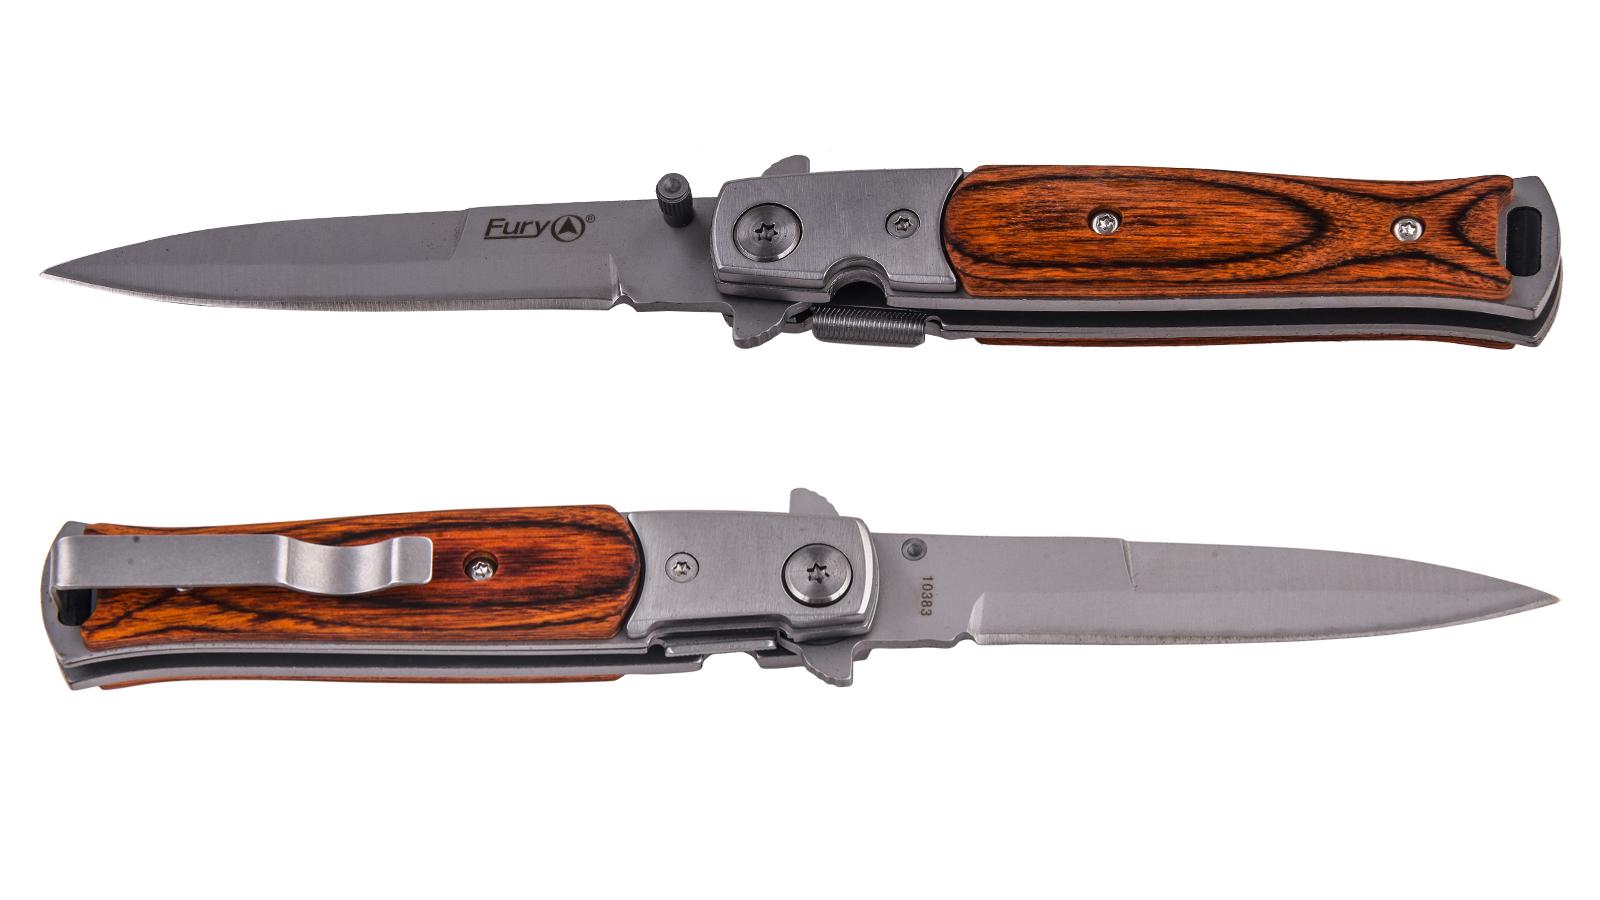 Выкидной стилет Fury Knives Equator Dagger 10383 (США) по выгодной цене